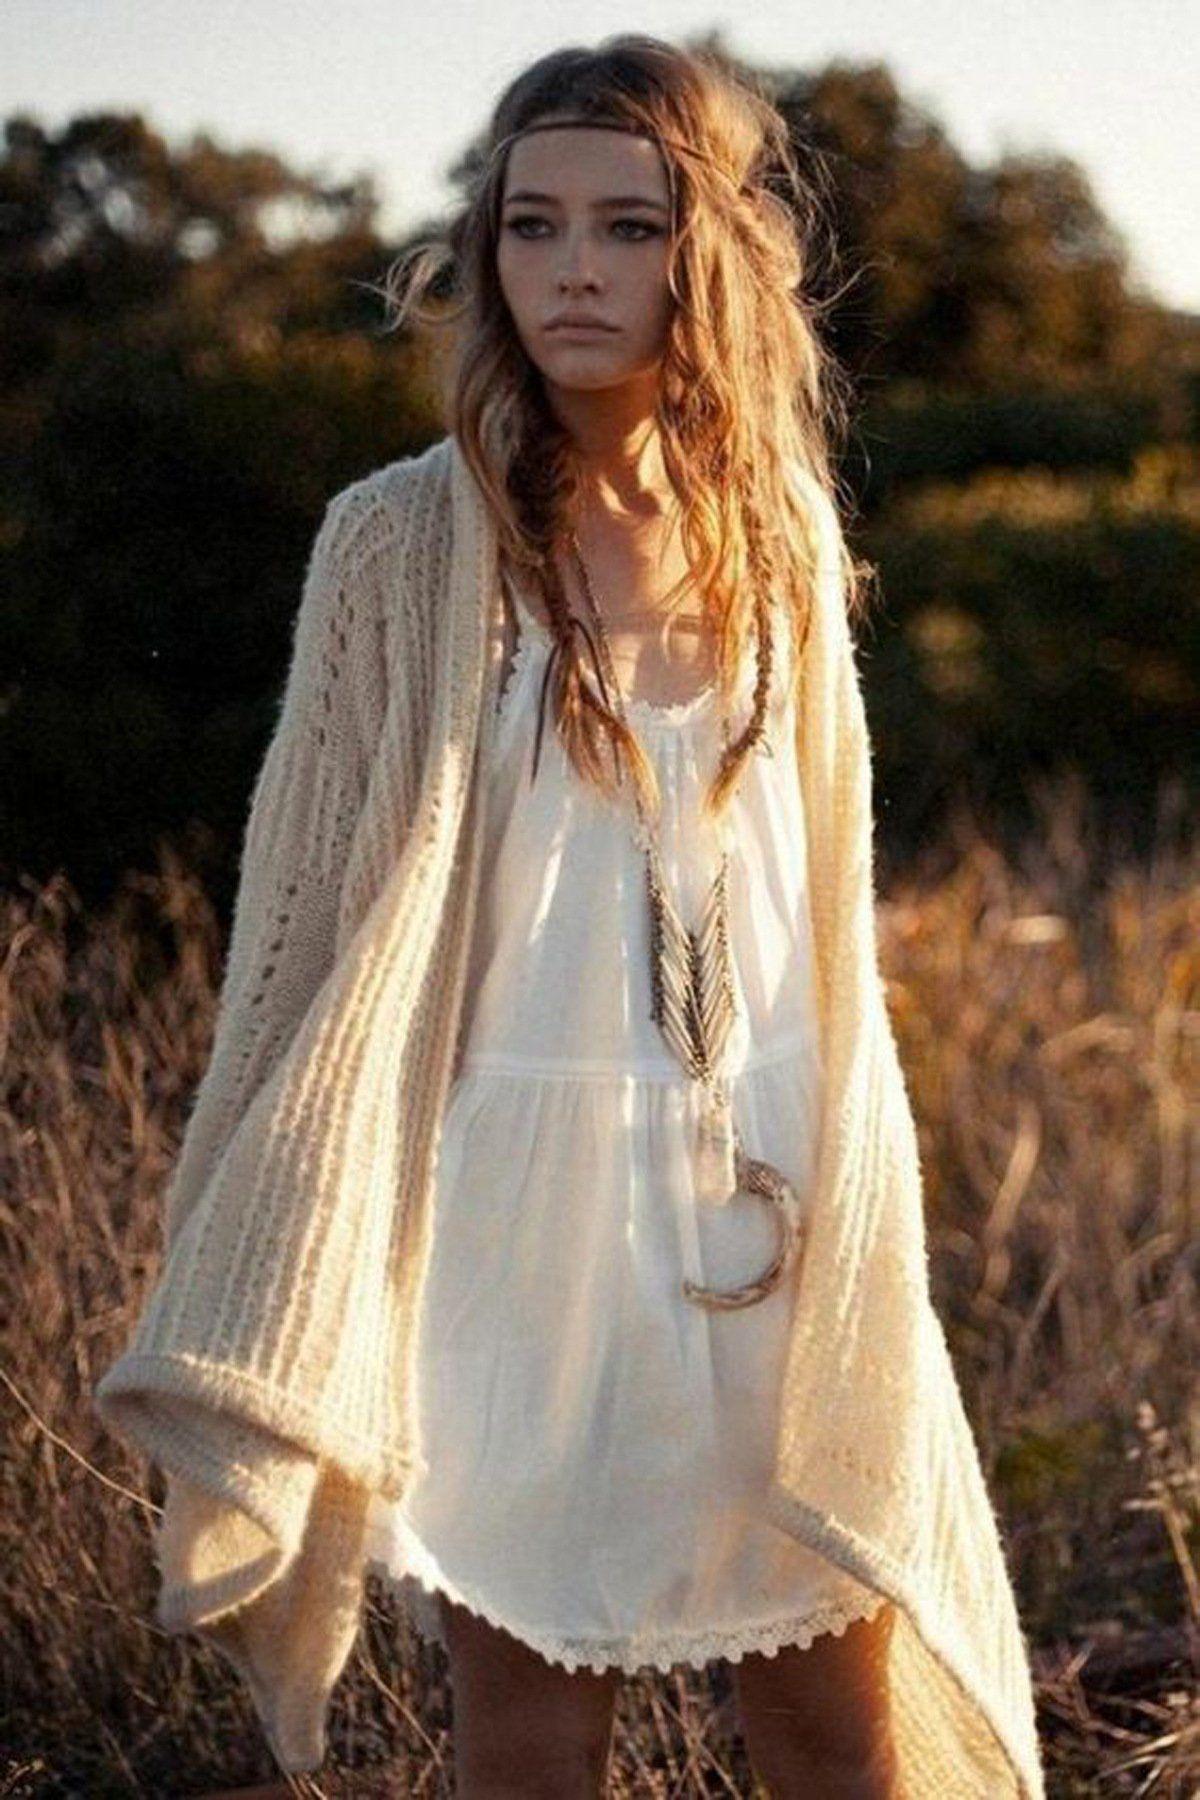 Knit Cardigan Long Sleeve Sweater Cover-Ups Kimono  #dress #style #bohemiastyle #love #maxi #clothing #bohemia #life #boho #stylish